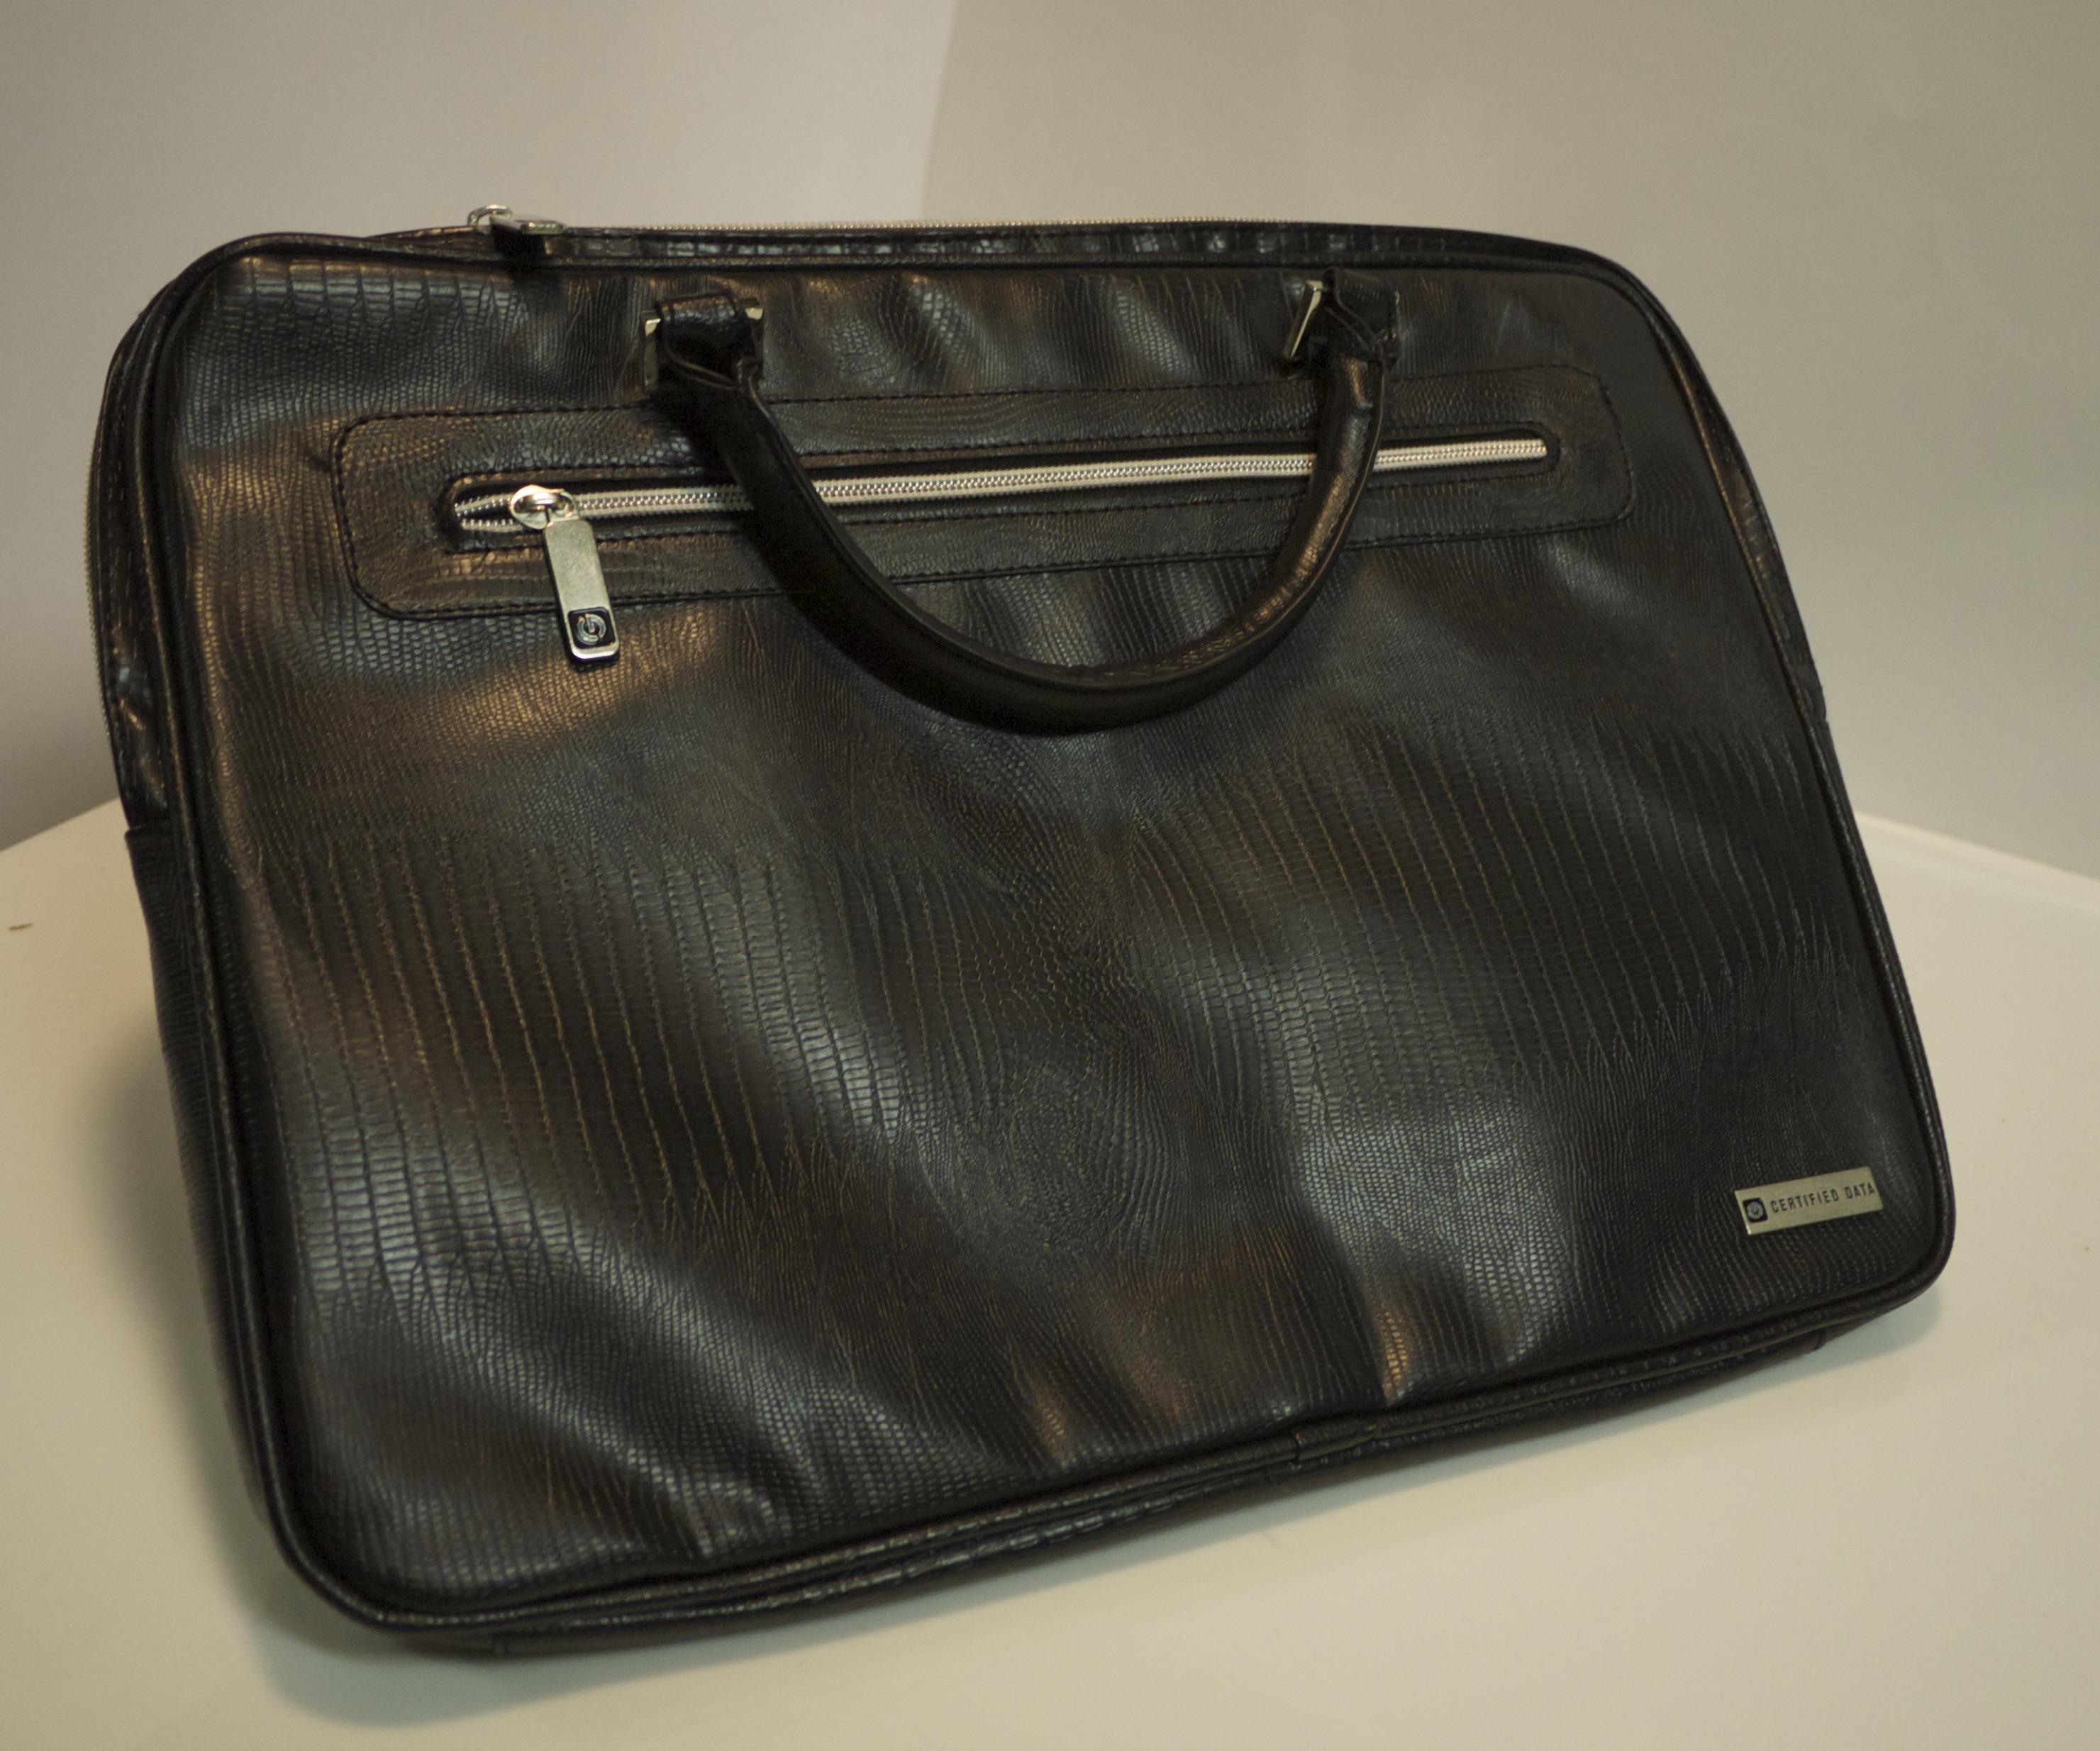 Black faux leather laptop bag